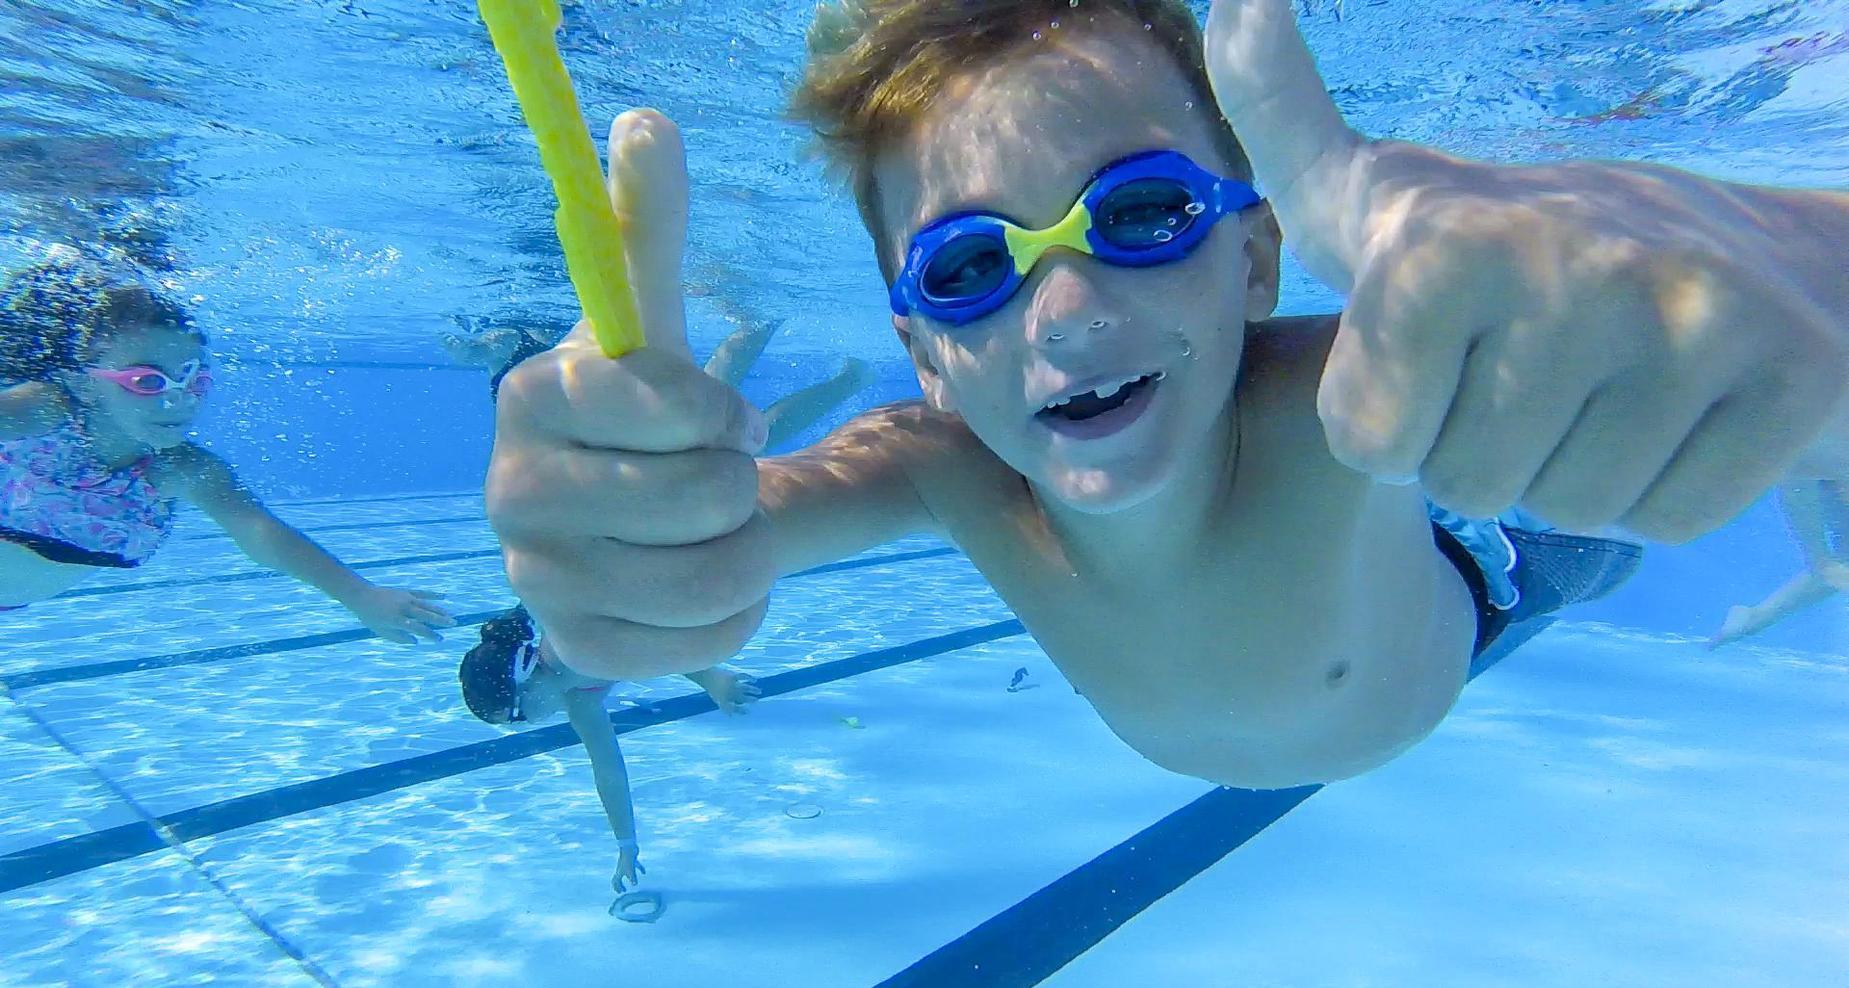 Second grader swimming underwater.